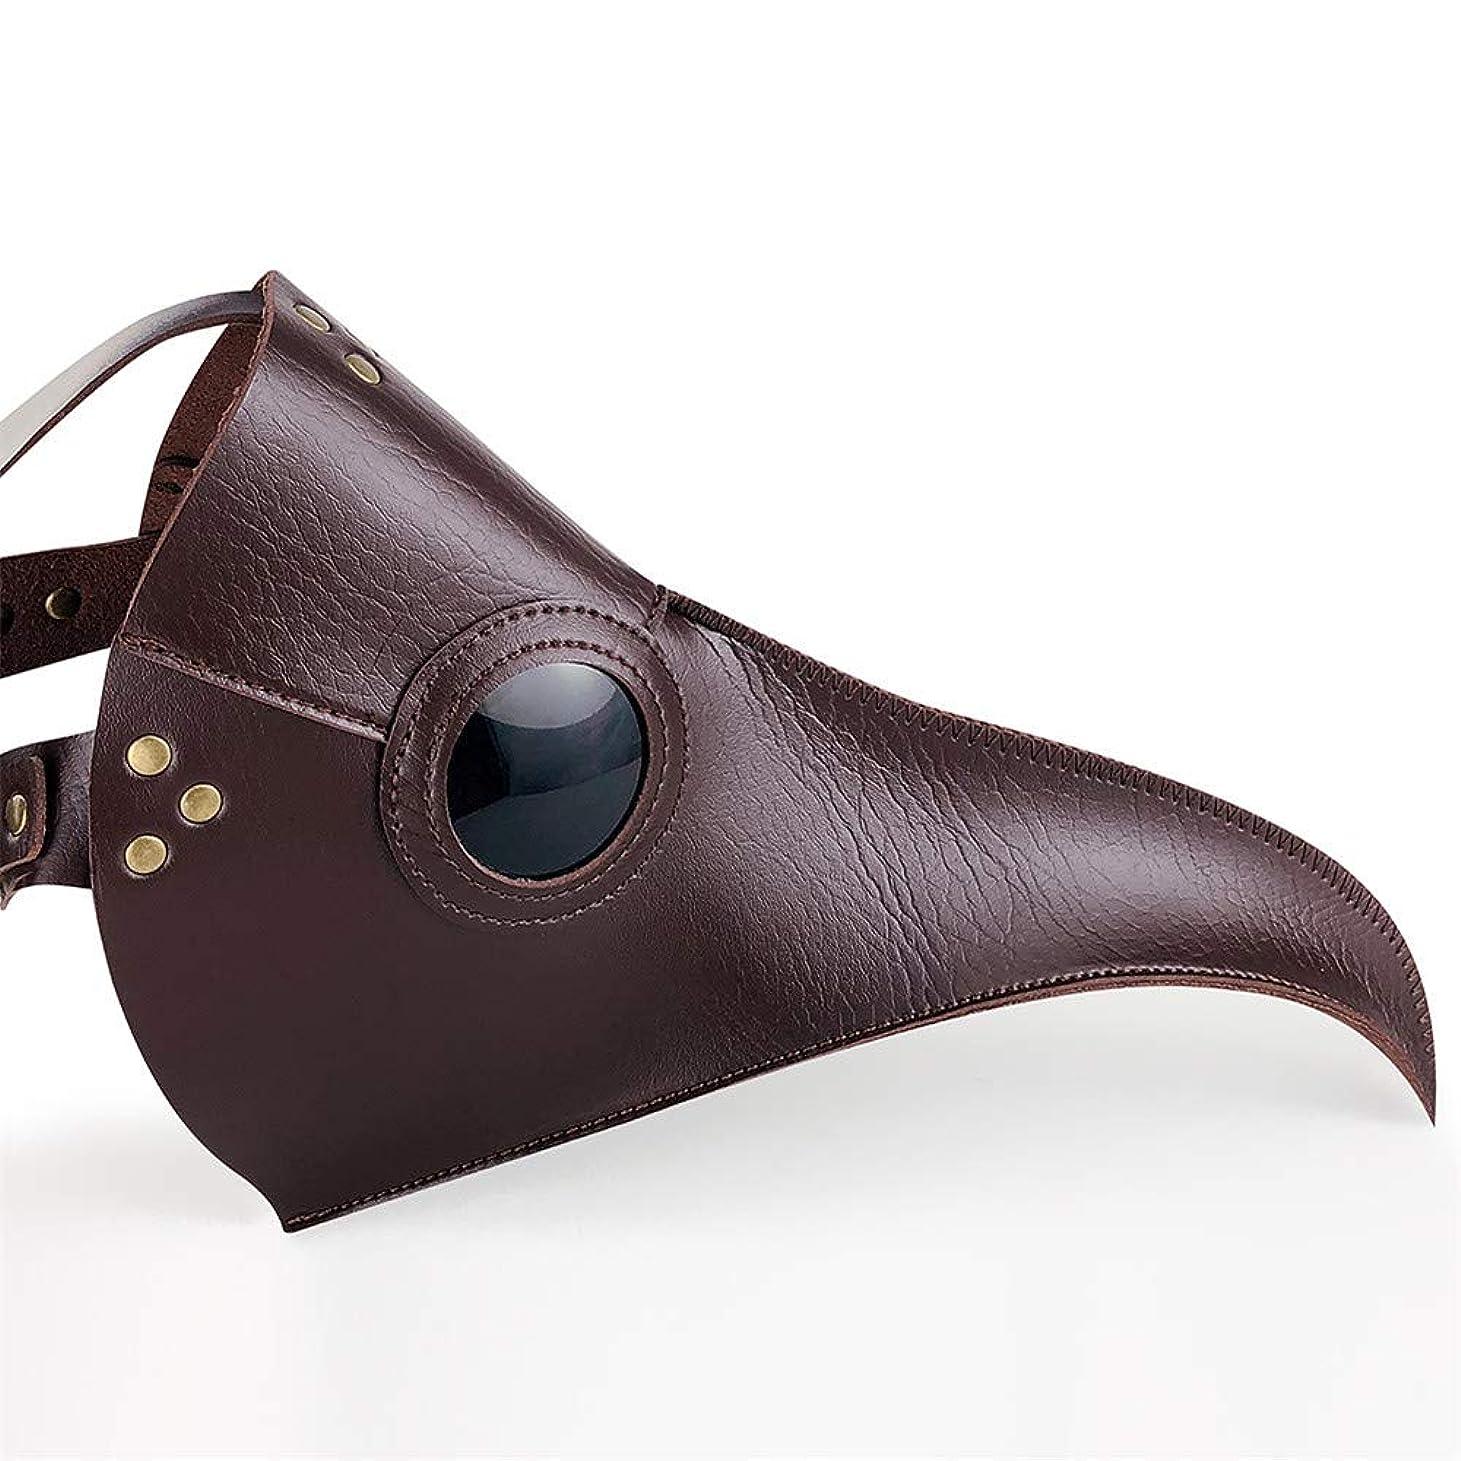 誠実ブランチ地殻ロングビークマスクハロウィン小道具ギフト仮装マスク